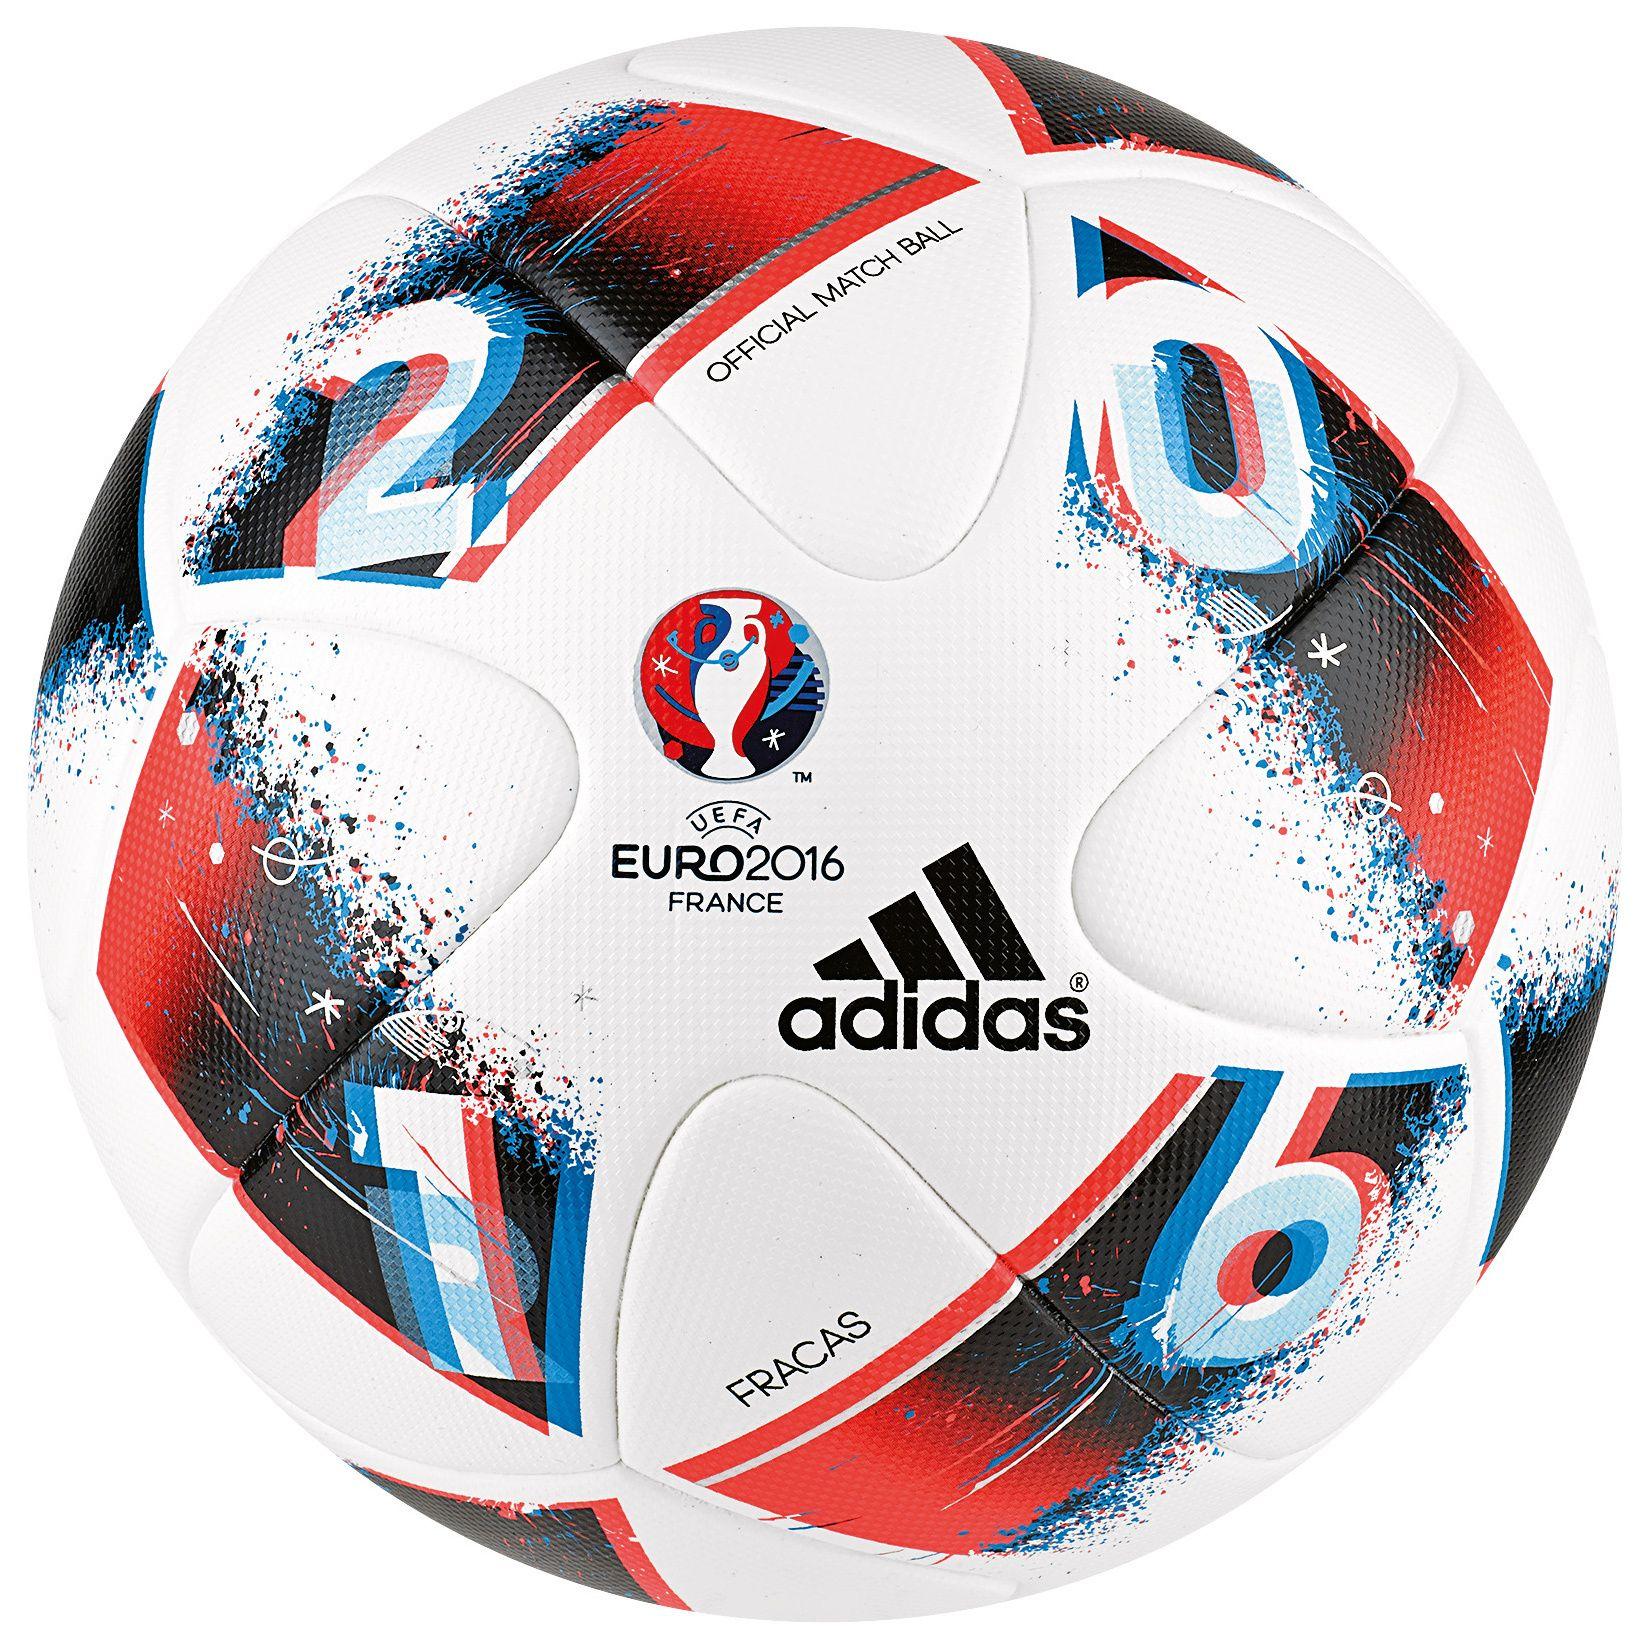 ADIDAS PERFORMANCE adidas Performance Euro 2016 Fracas Offizieller Matchball